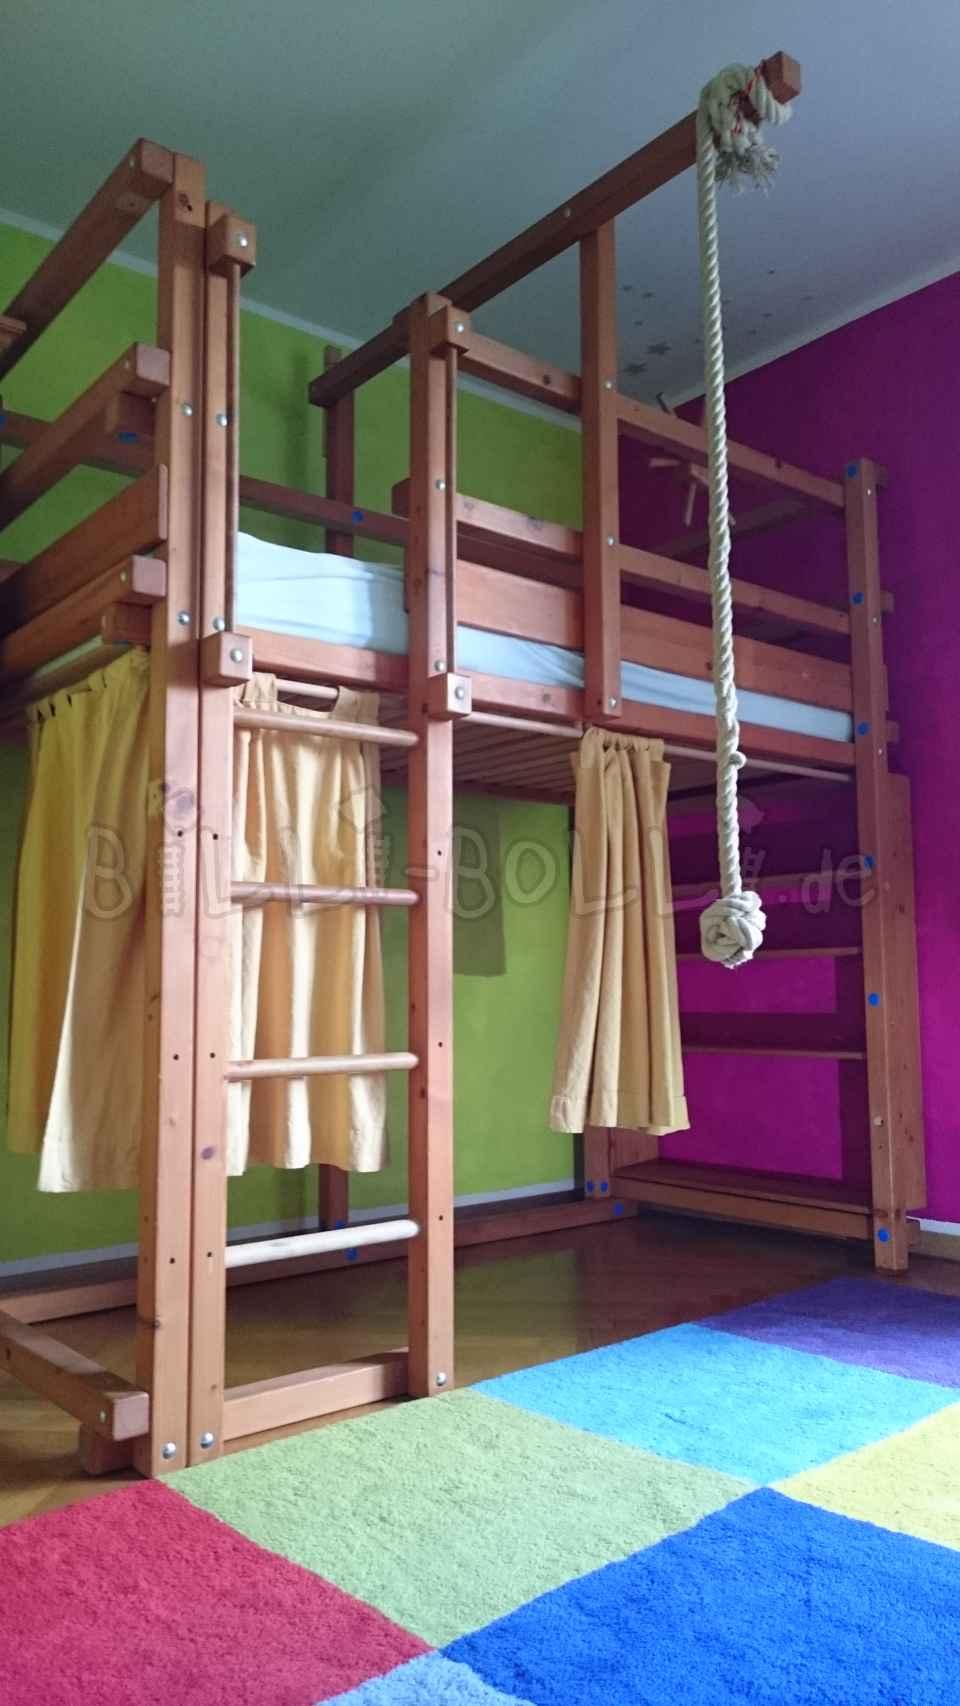 Second hand page 91 billi bolli kids furniture for Billi bolli hochbett